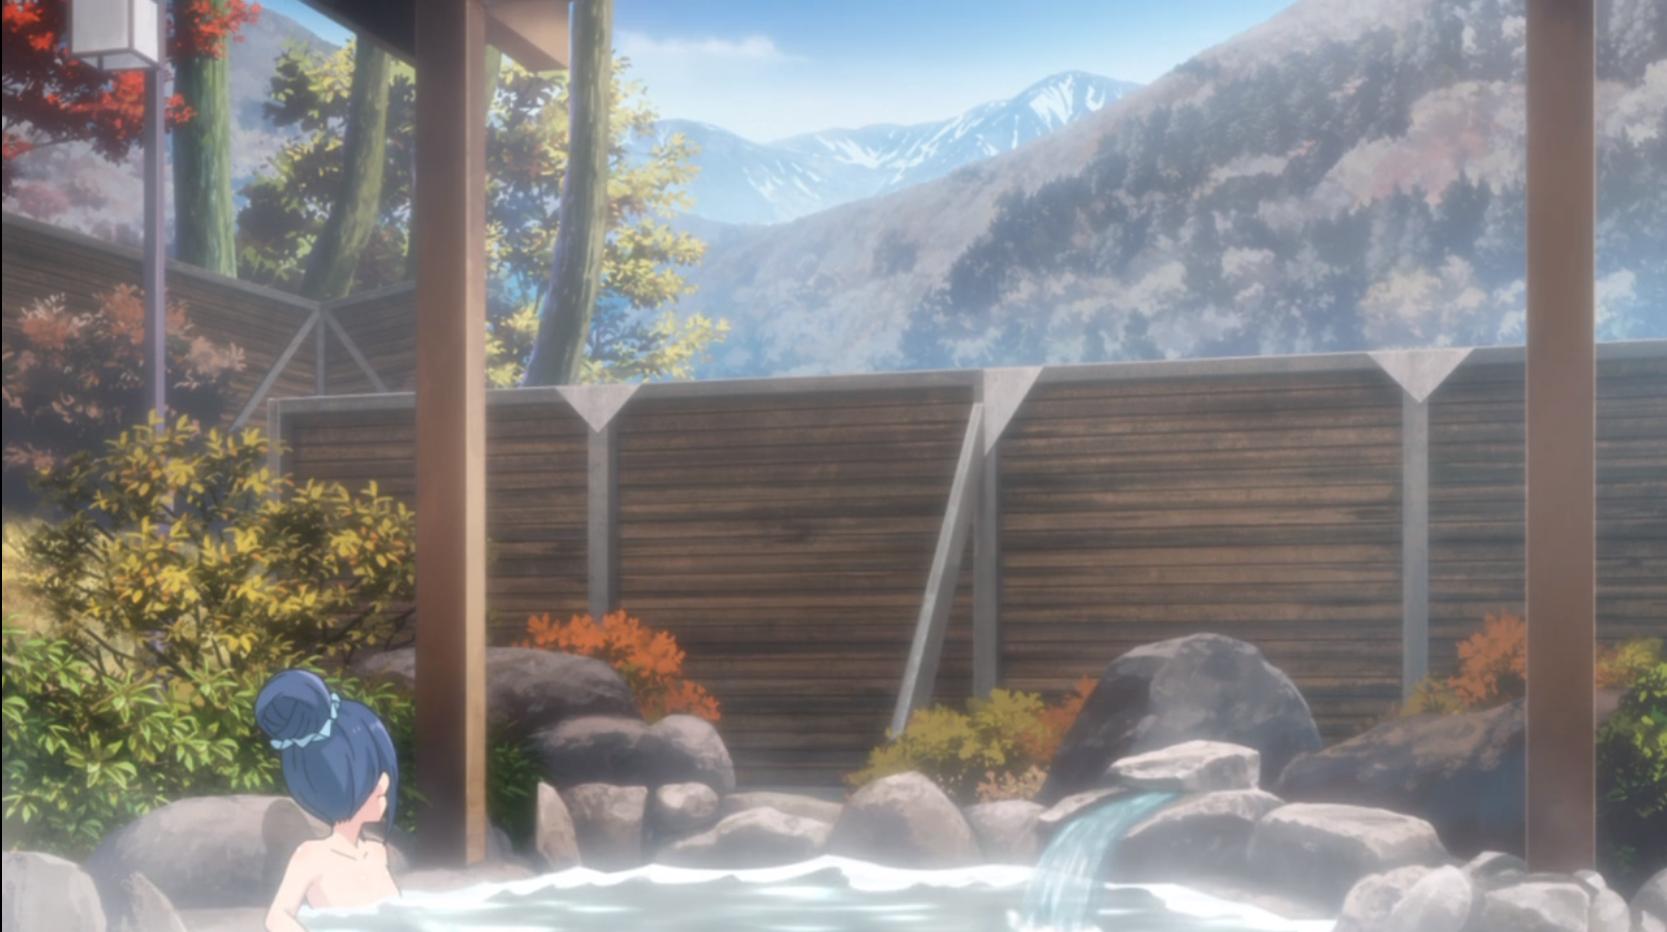 アニメ『ゆるキャン△』9話のこまがねの湯((こまくさの湯)から見る景色